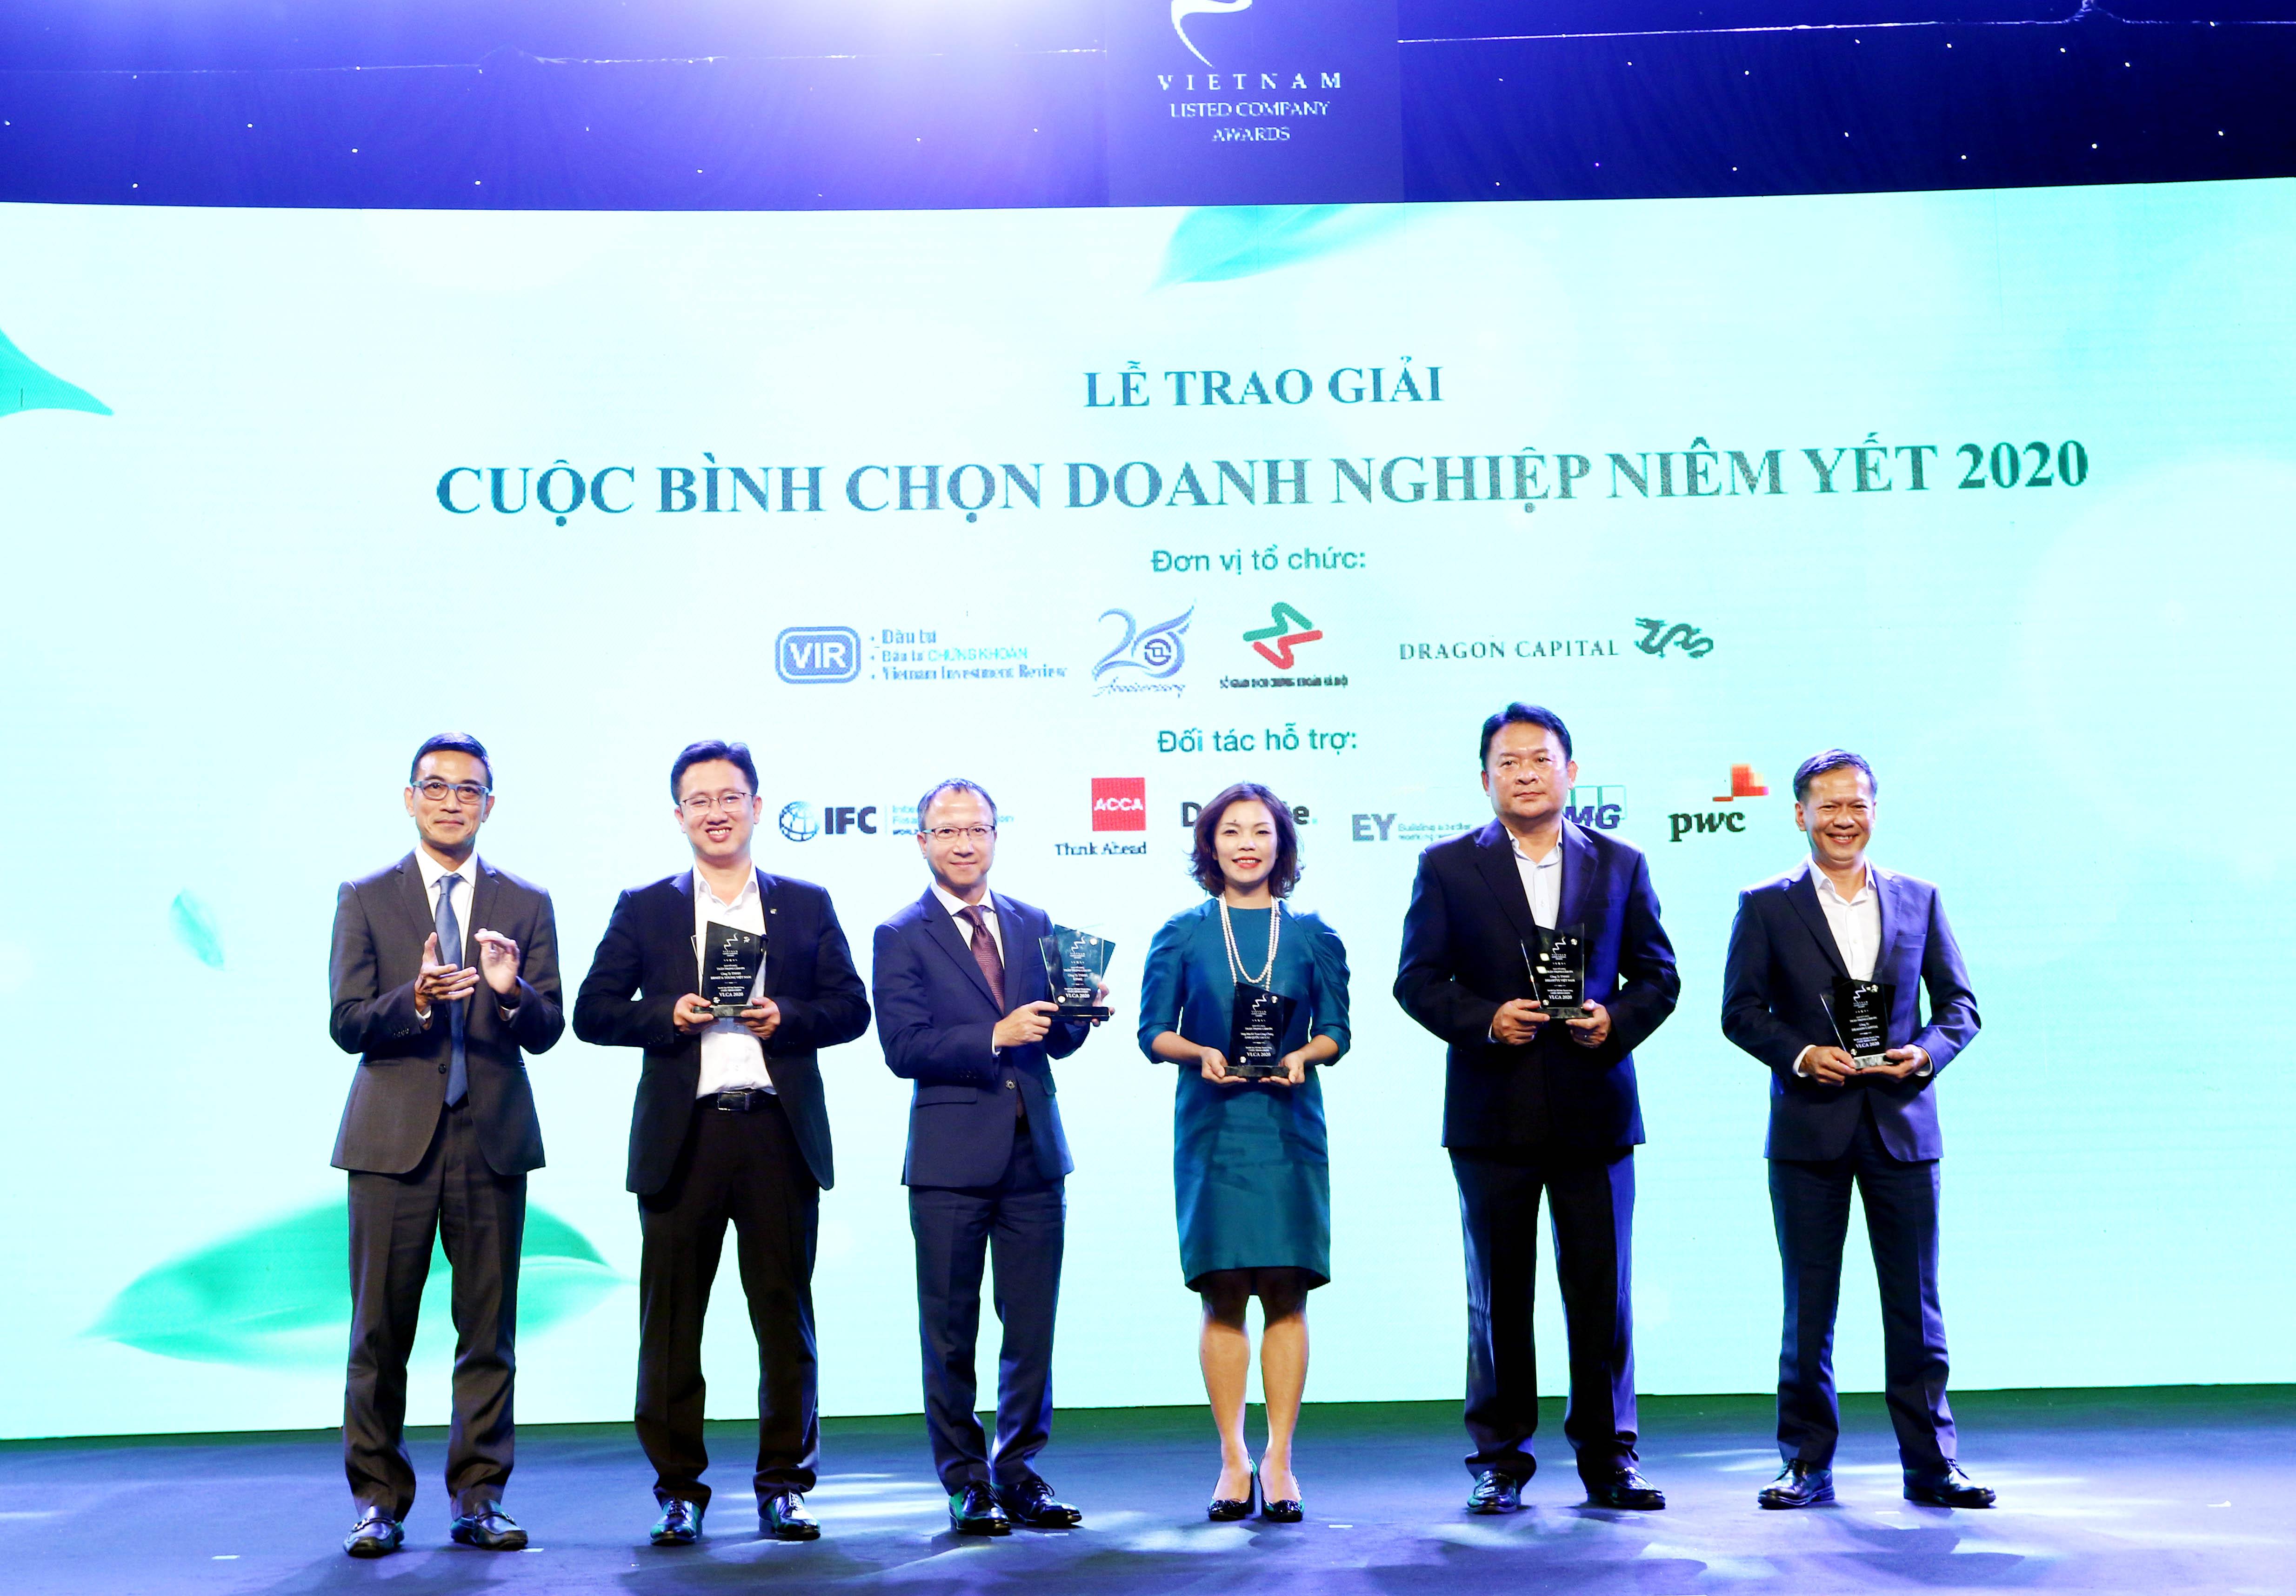 https://www.aravietnam.vn/wp-content/uploads/2020/12/64_Trao-Kỷ-niệm-chương-cho-các-tổ-chức-Hỗ-trợ.jpg